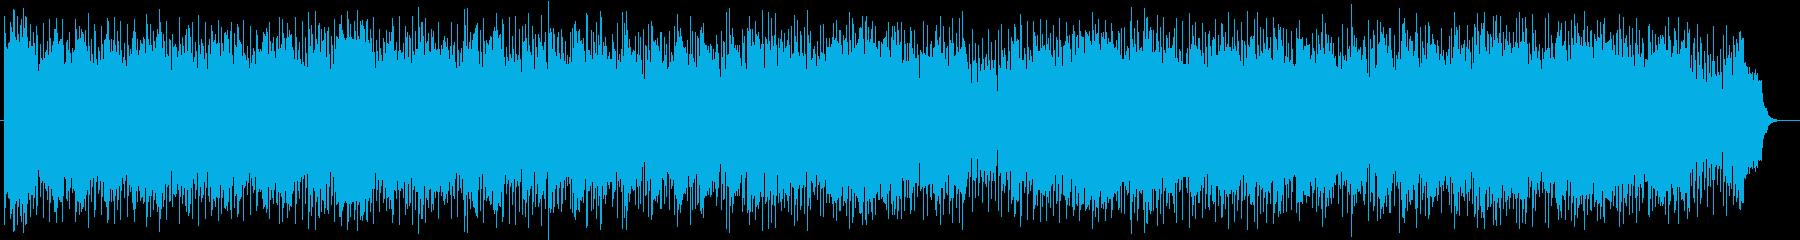 気分が上がるストリングスのアンサンブルの再生済みの波形